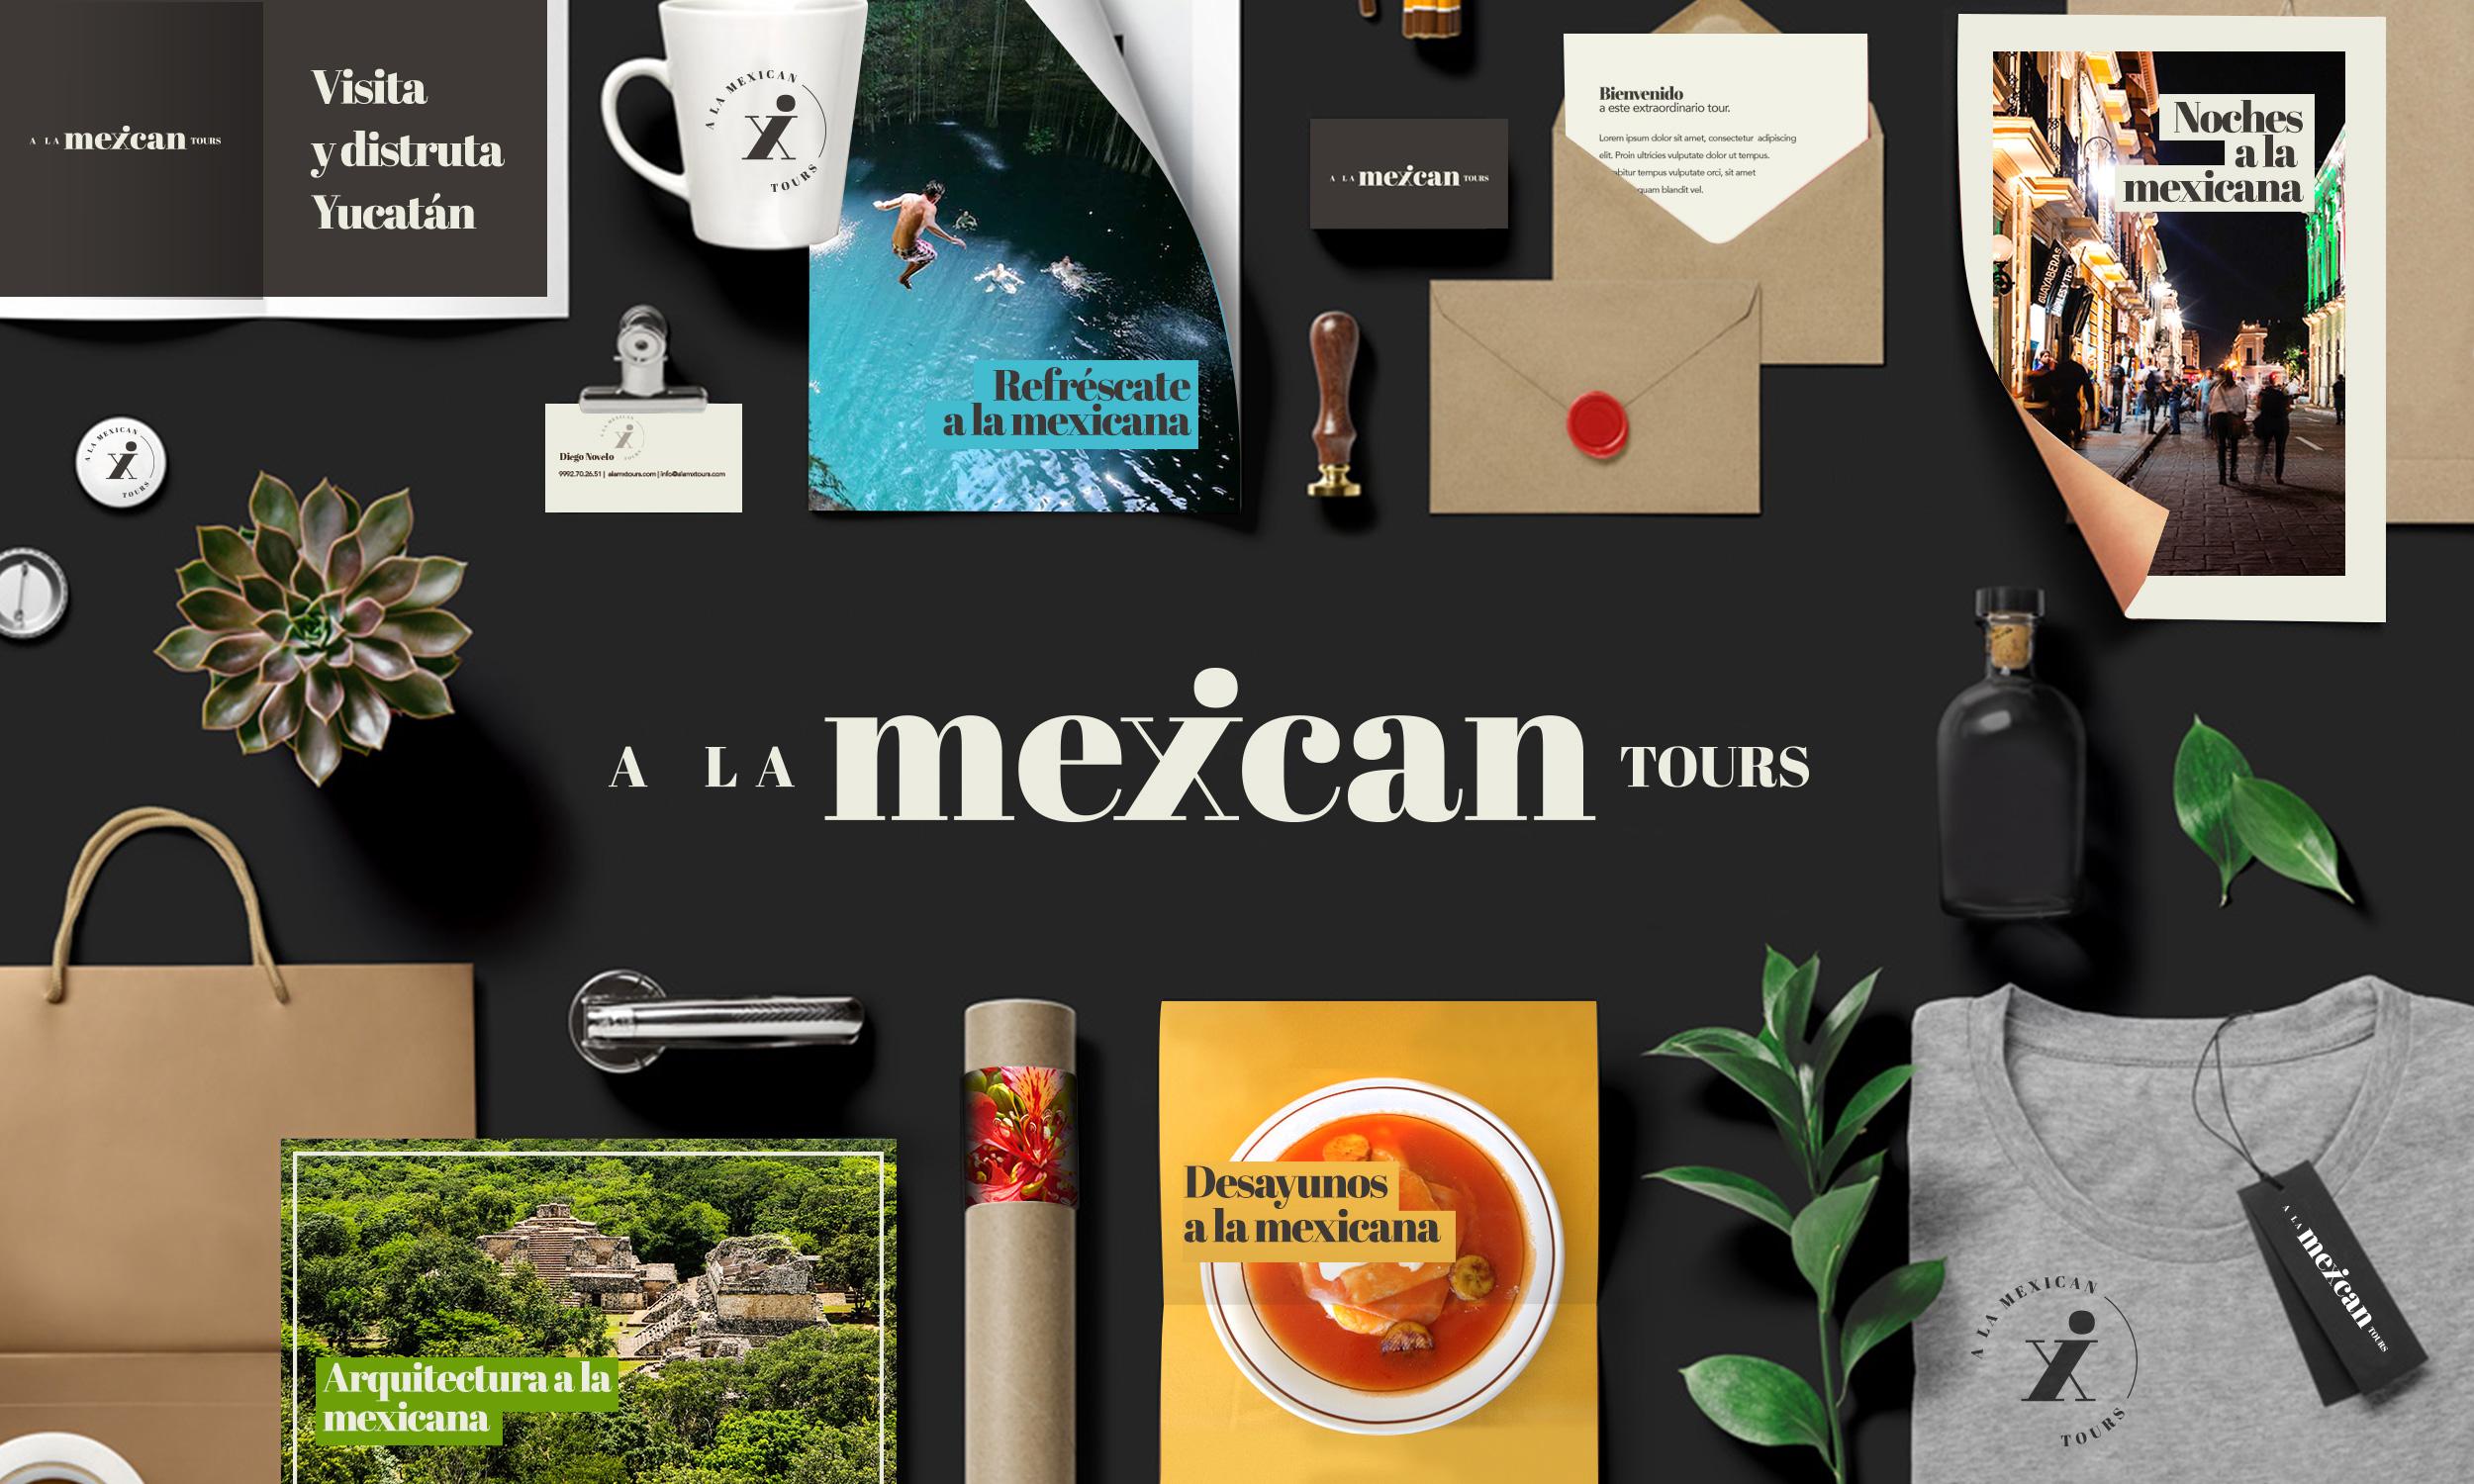 A La Mexican Tours